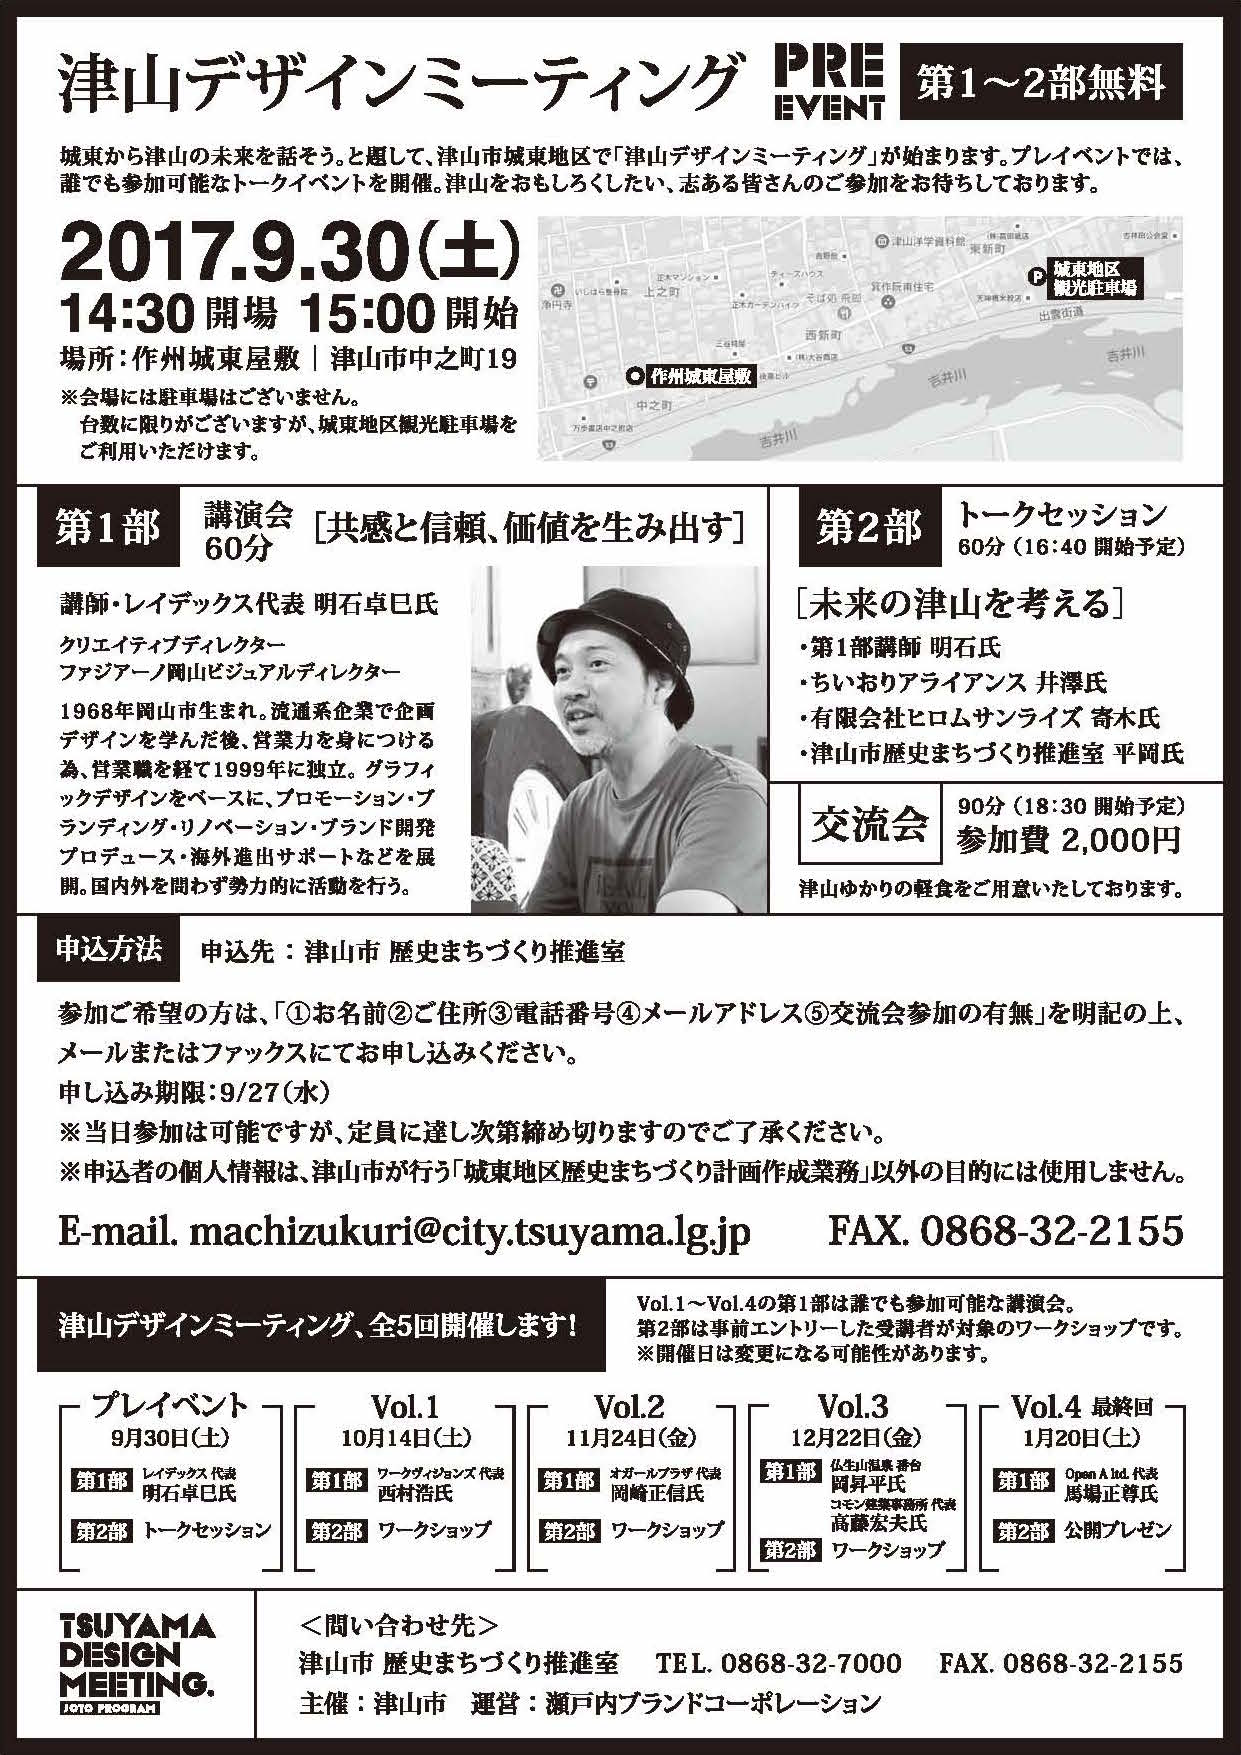 tsuyama_airrenovation_t